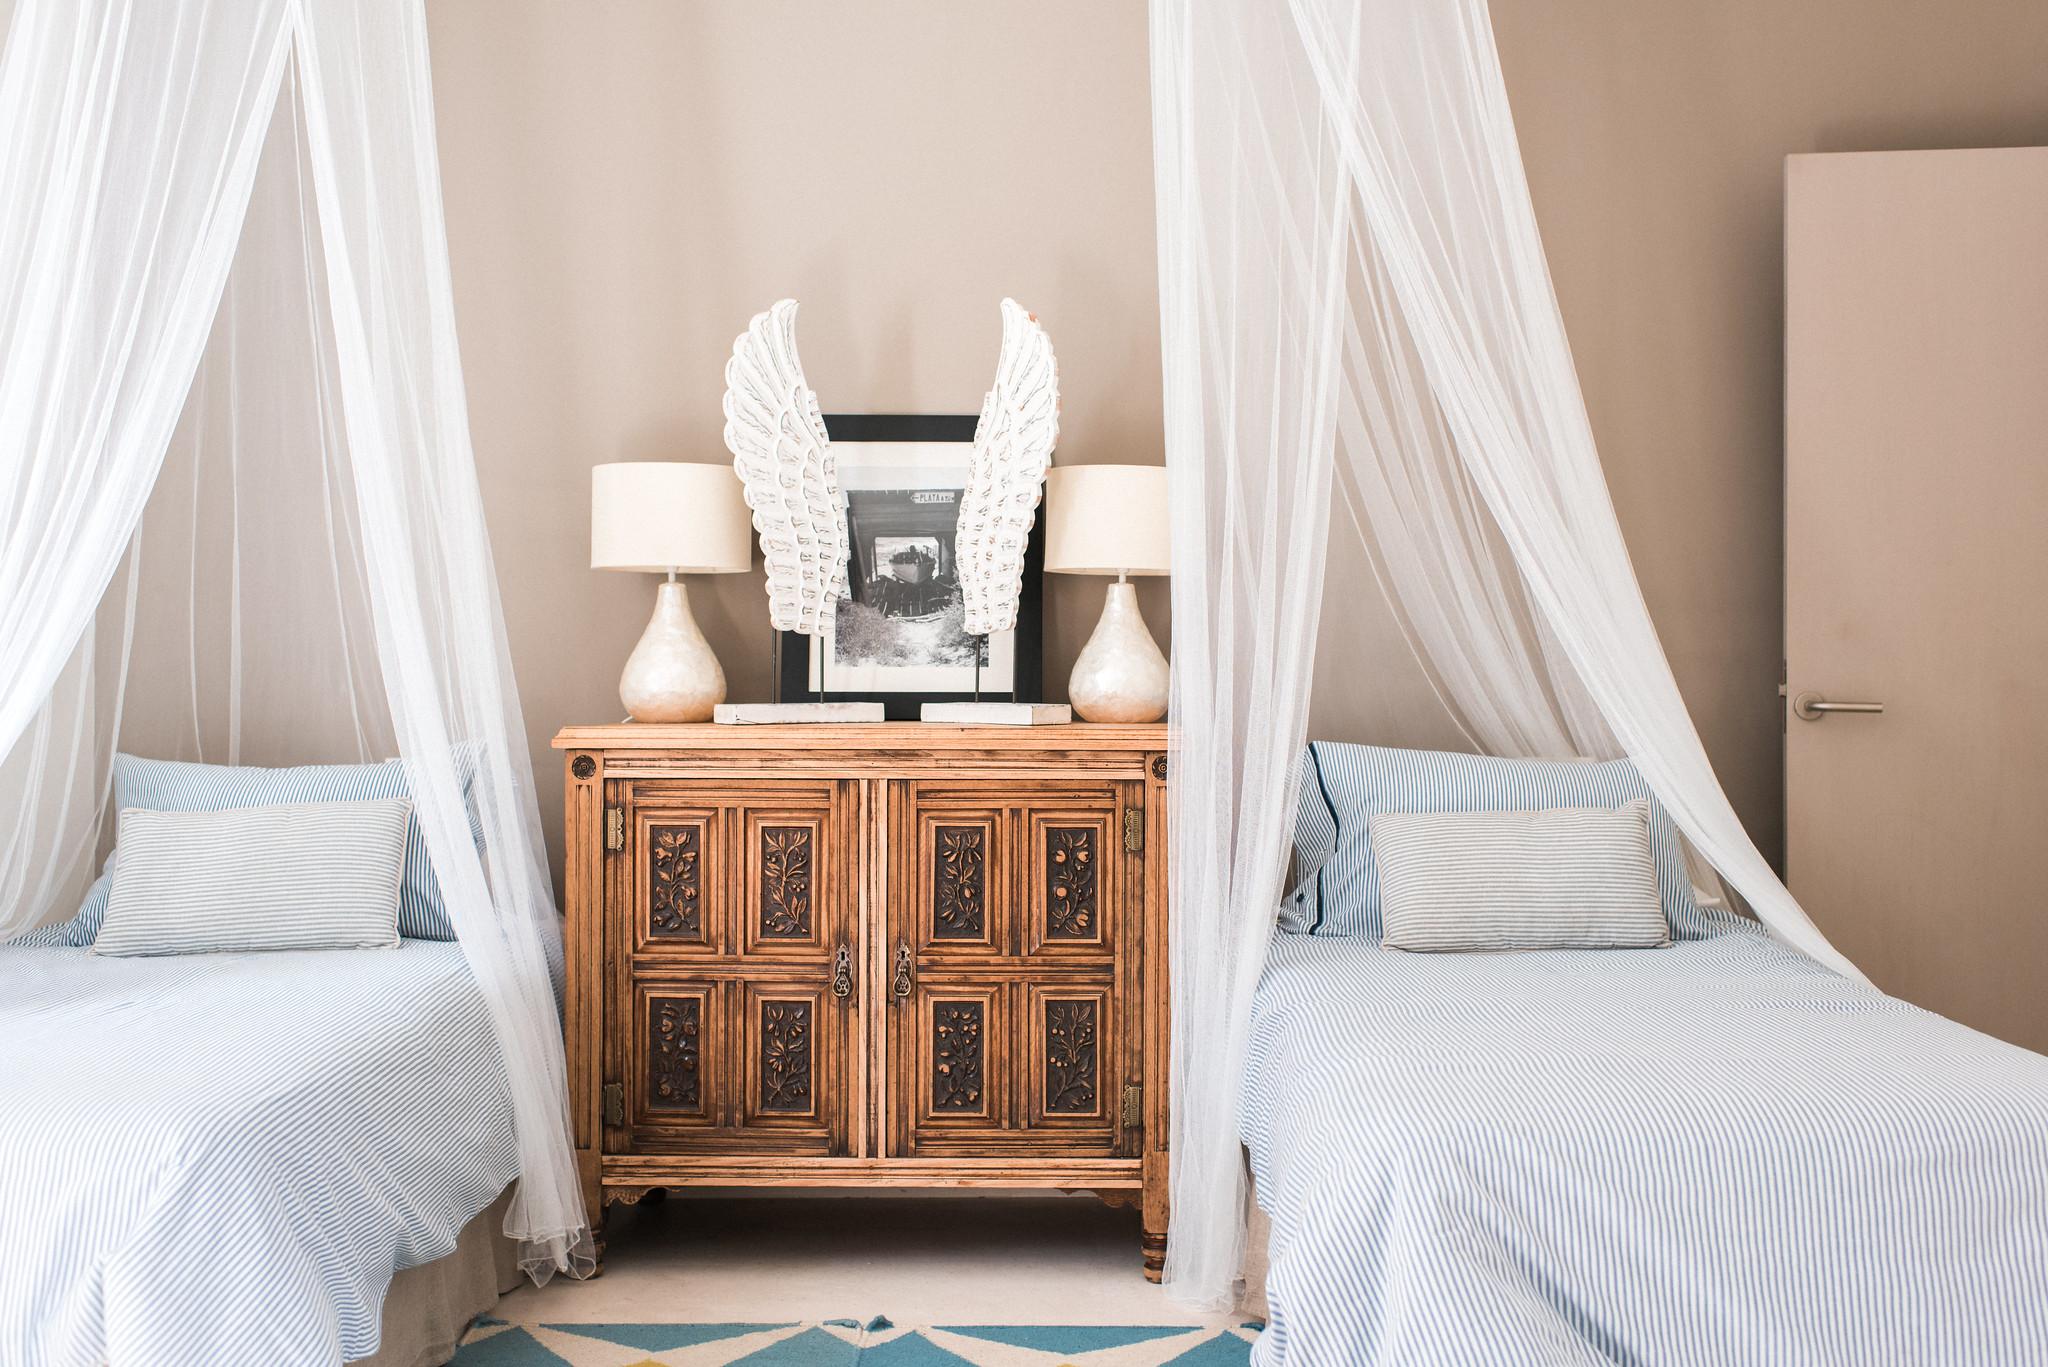 https://www.white-ibiza.com/wp-content/uploads/2020/05/white-ibiza-villas-casa-estrella-interior-twin-room.jpg